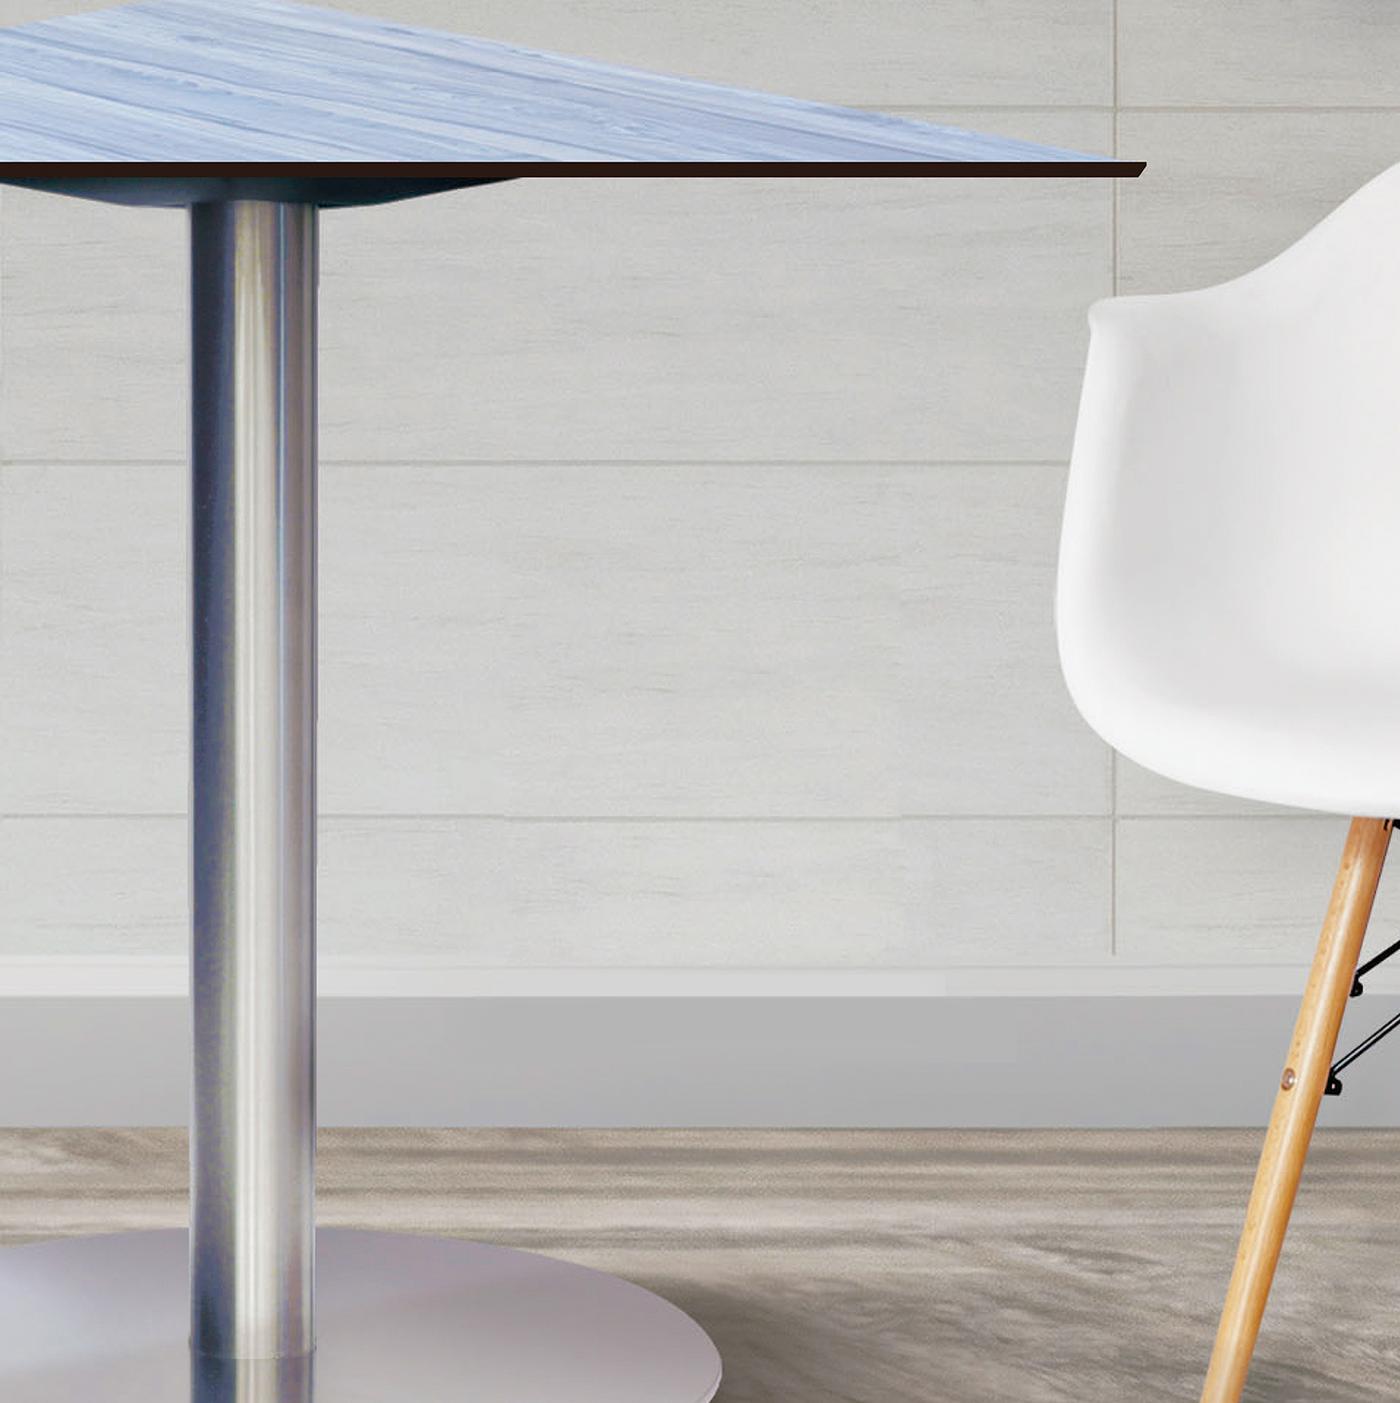 superficie-solida-fenolico-mesa